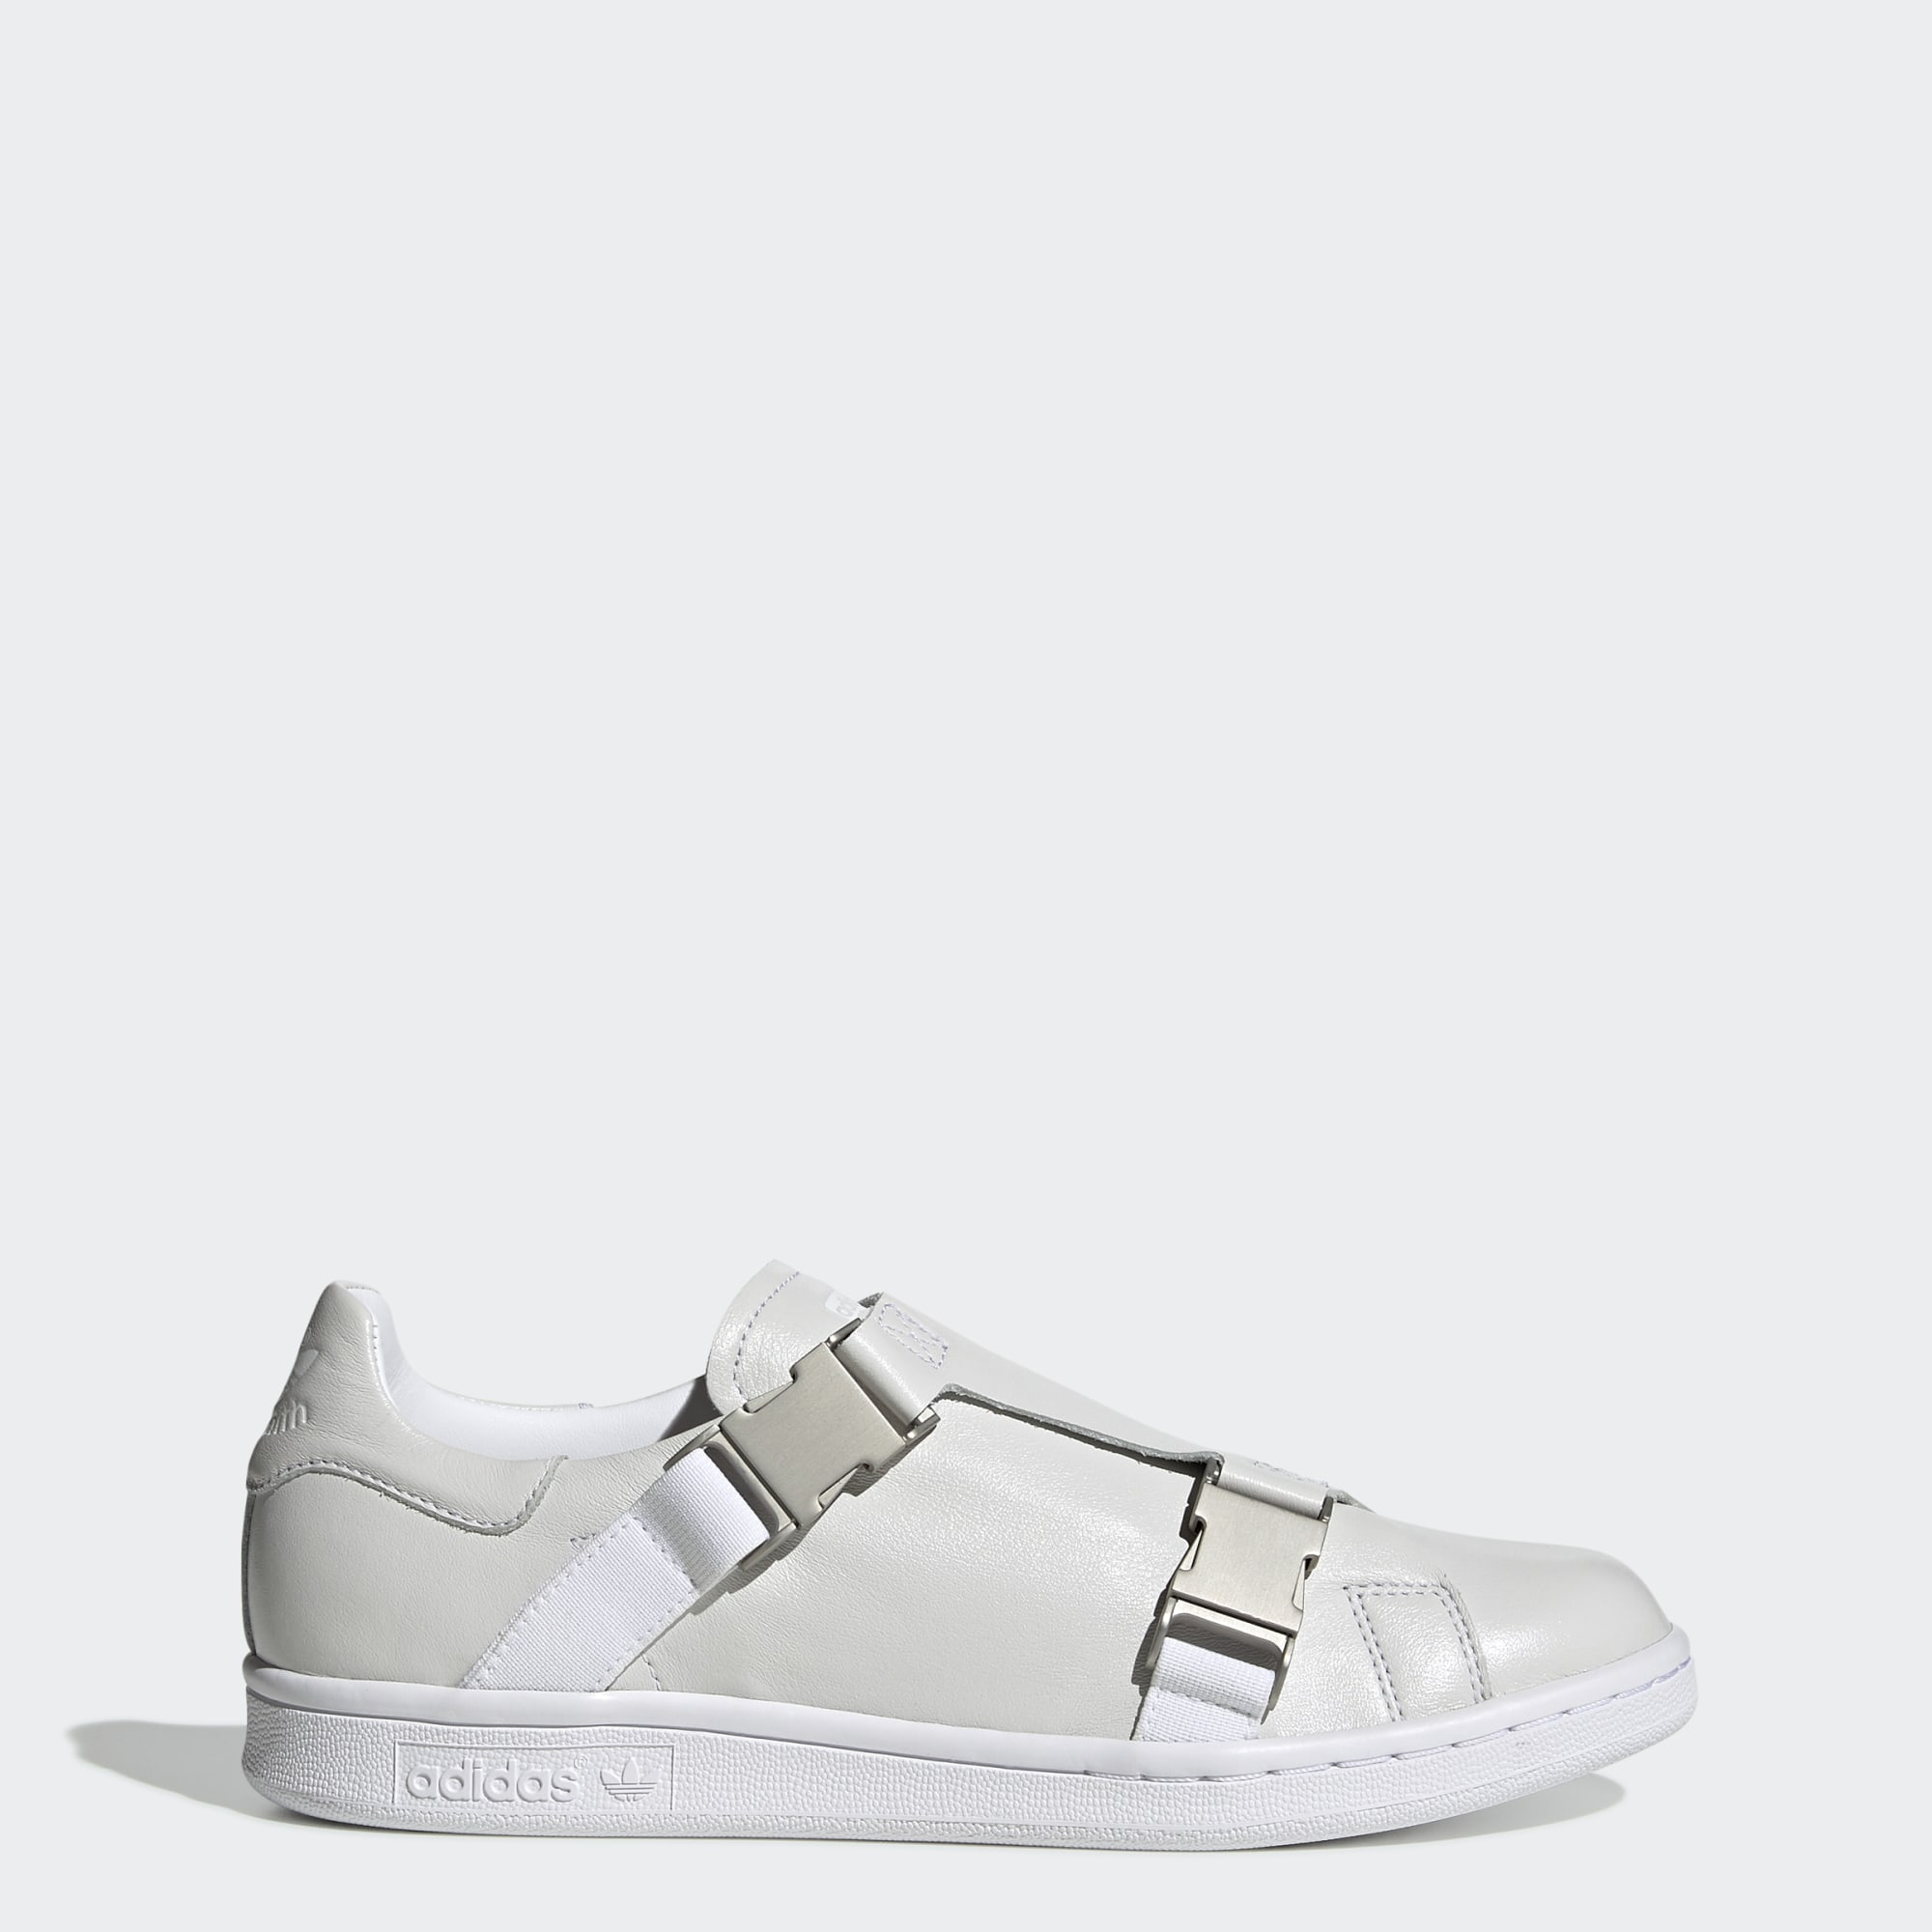 adidas stan smith black leo detail